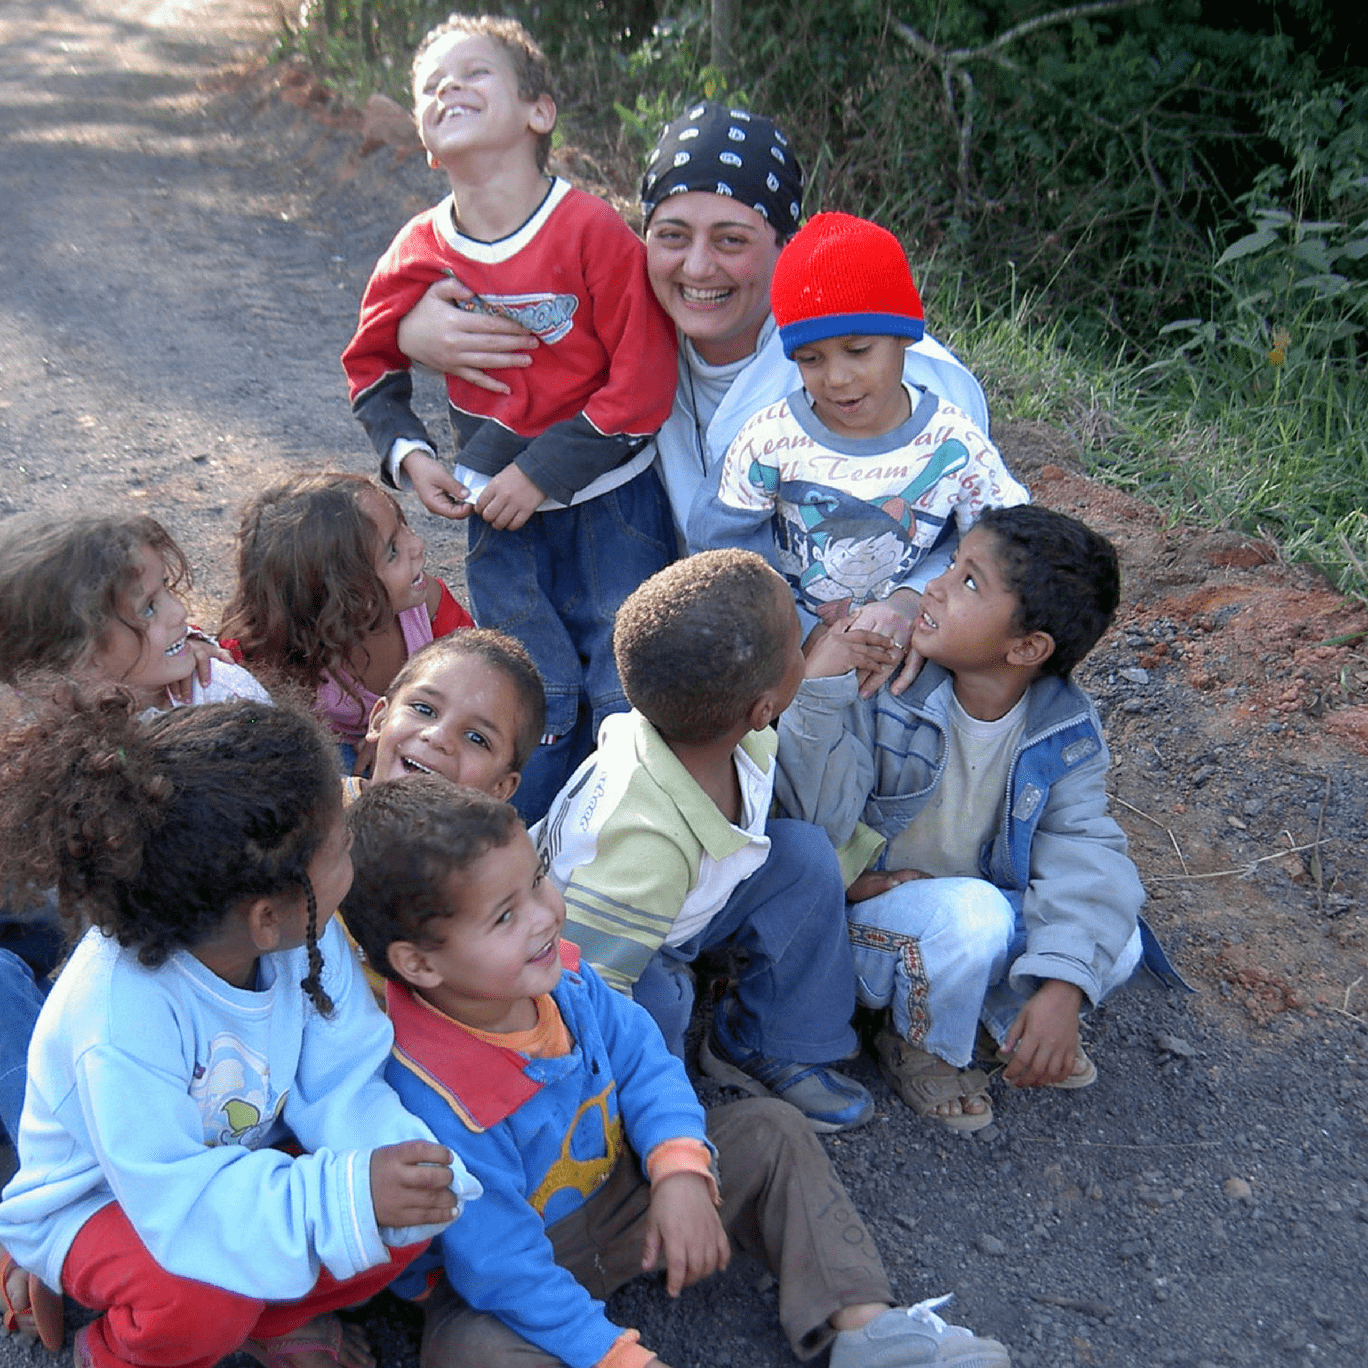 Maria Paola em foto com crianças do Parque deTaipas